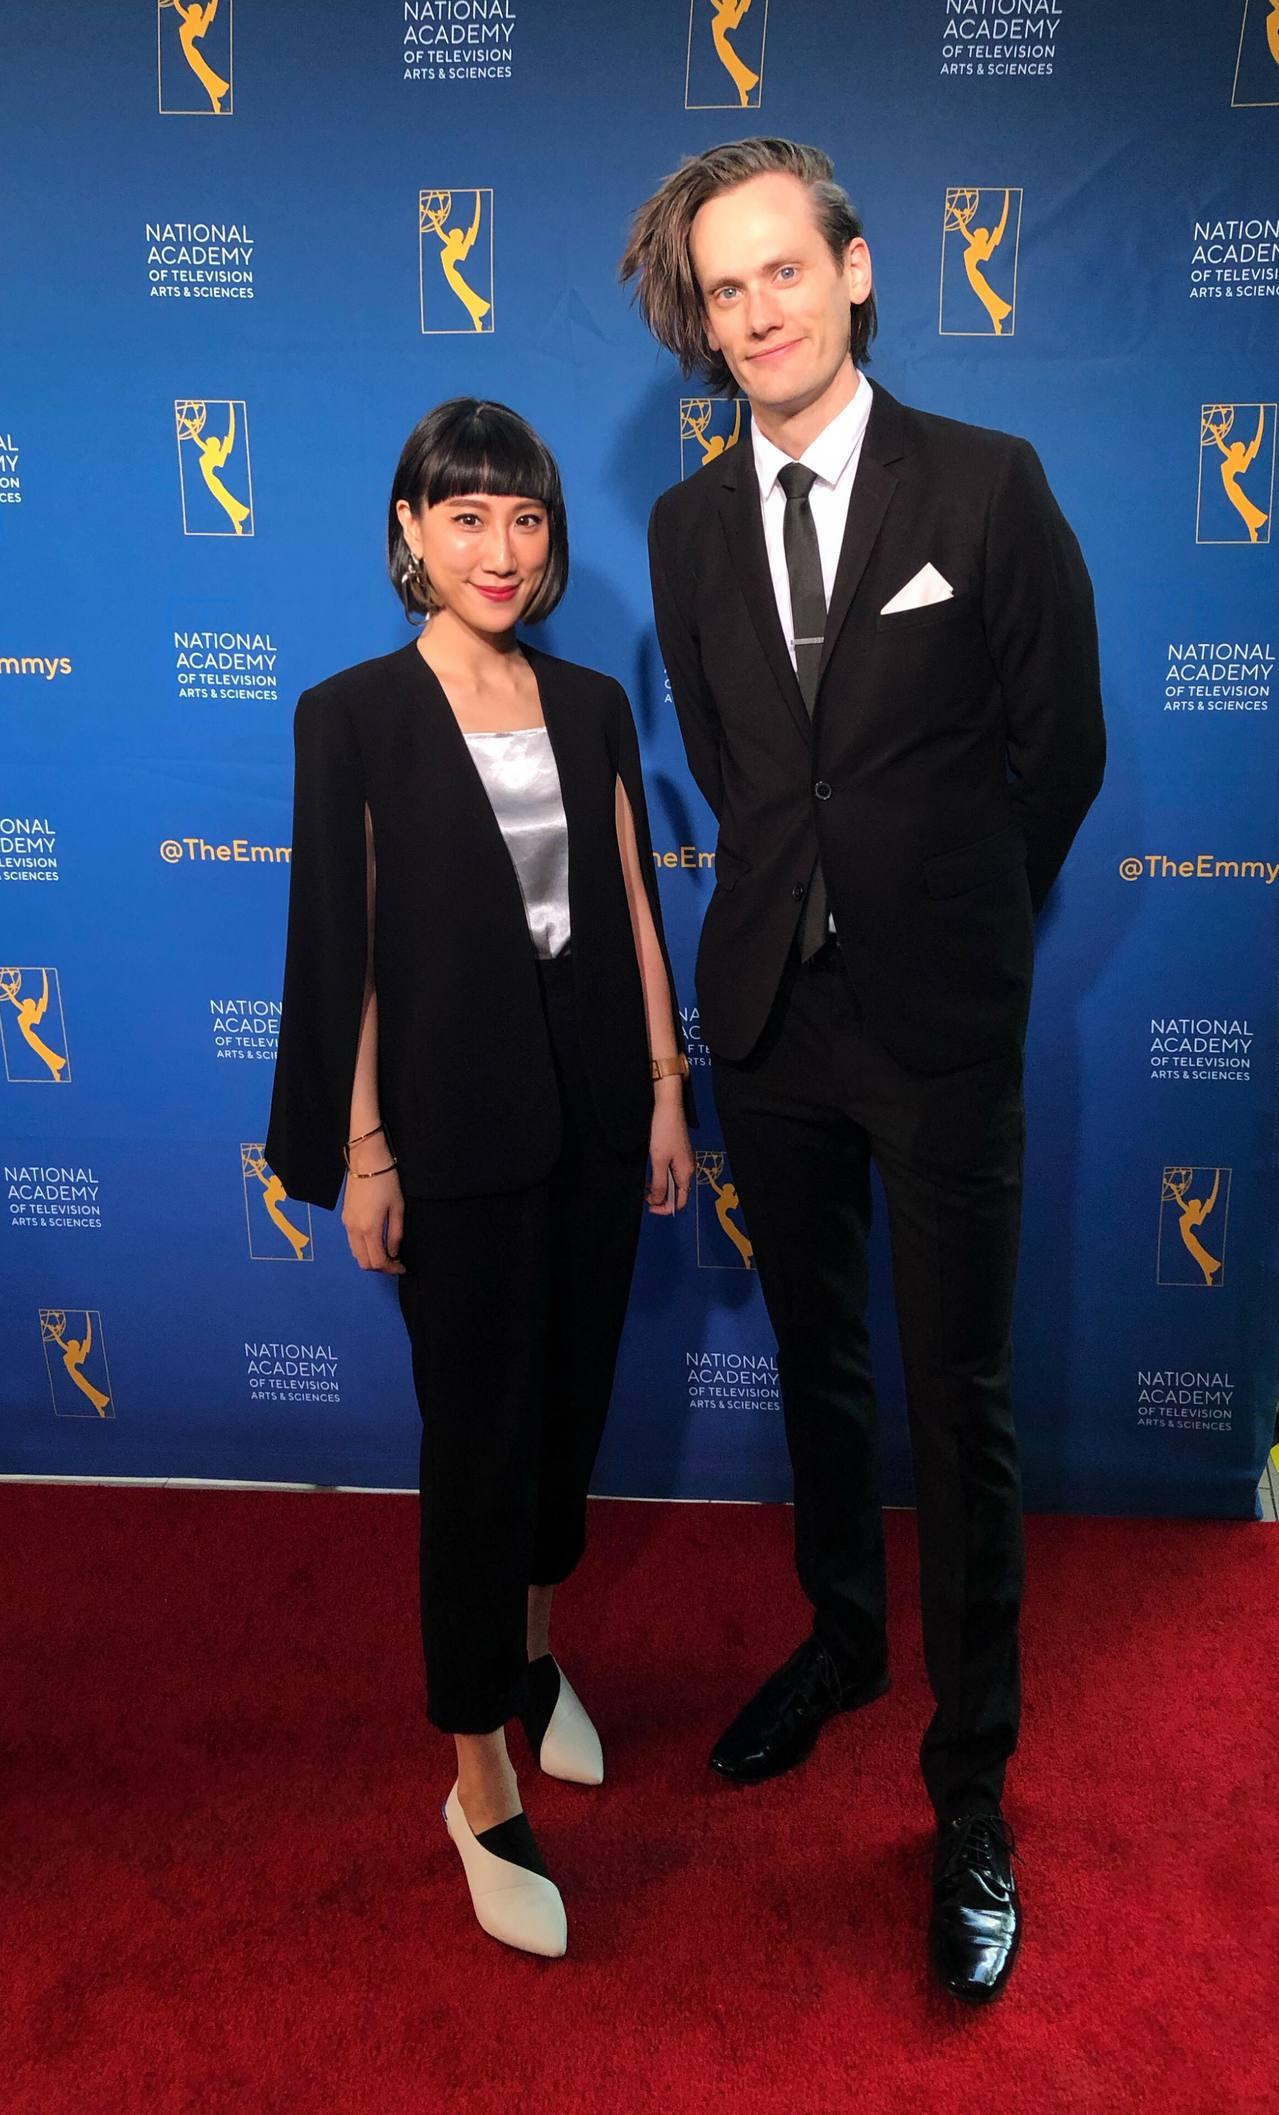 石艾玄(左)與同事代表CNN出席艾美獎頒獎典禮。圖/石艾玄提供